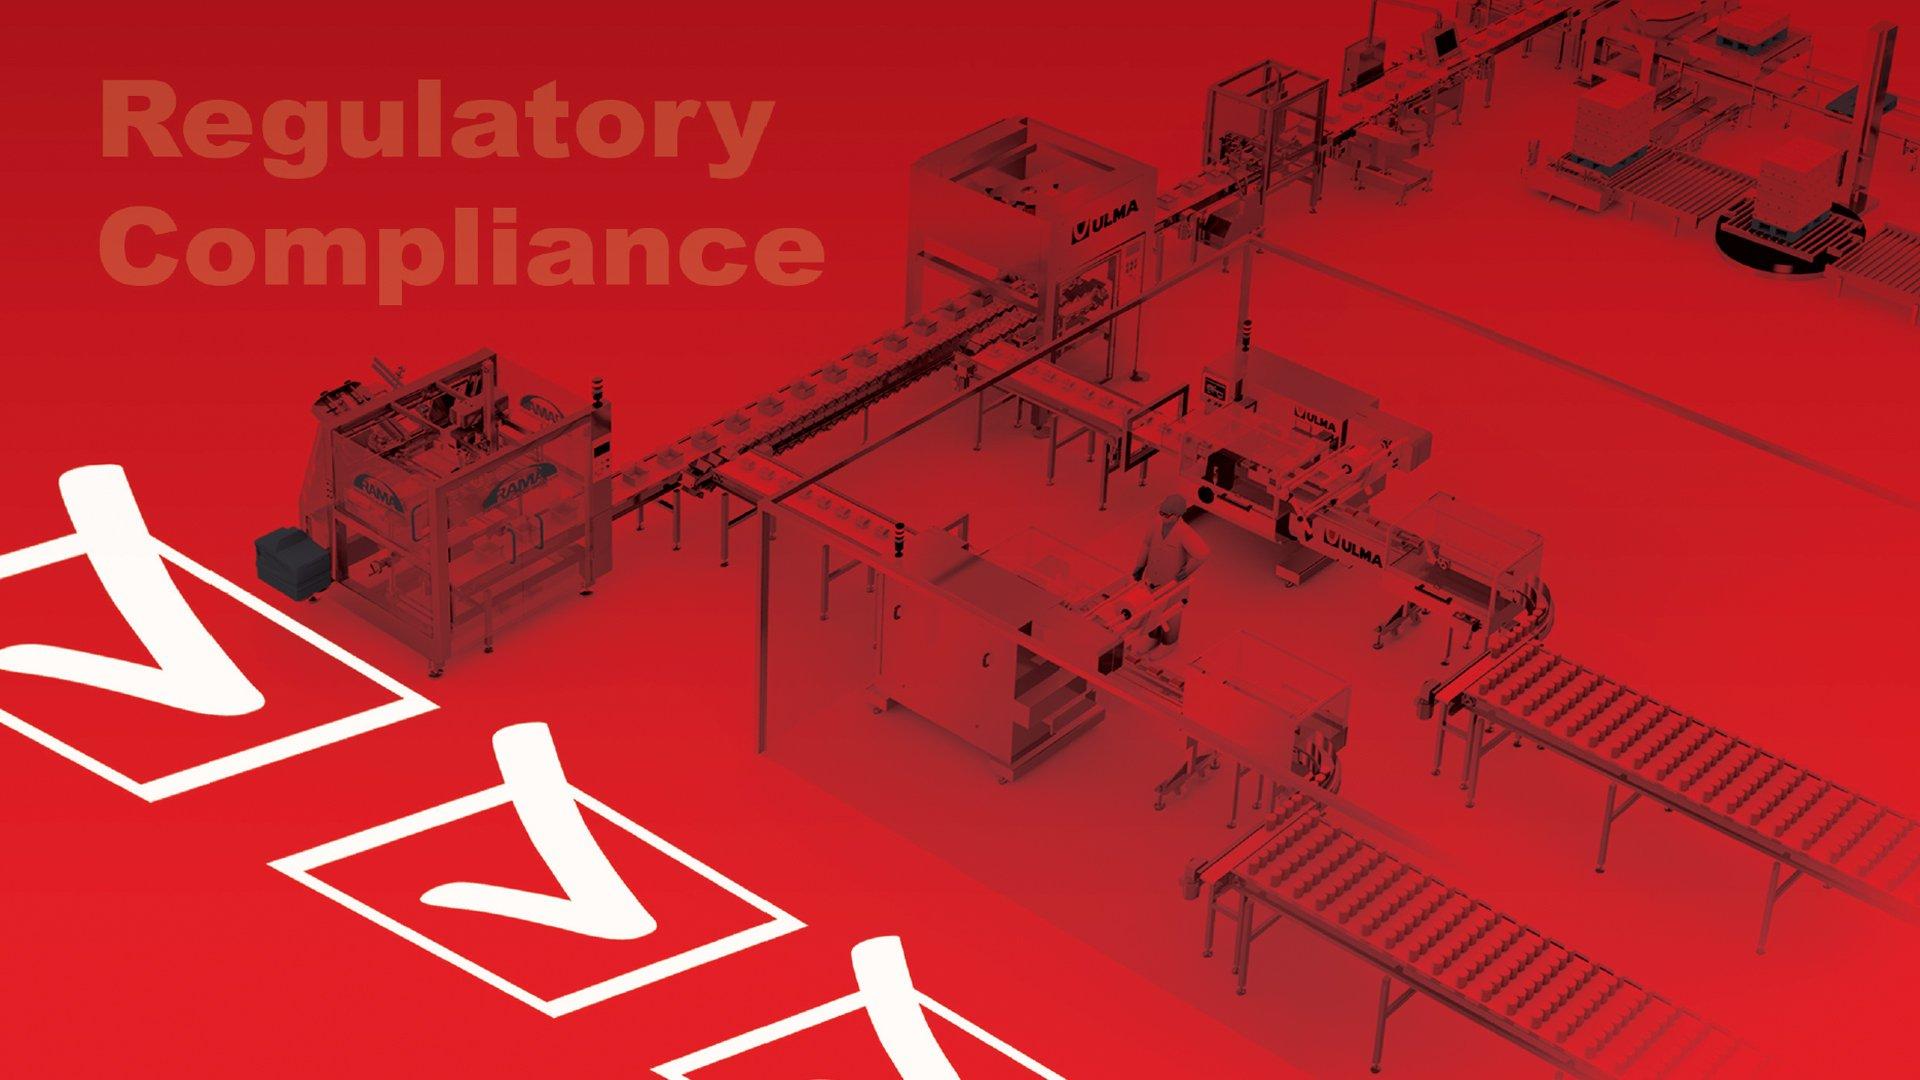 RegulatoryCompliance